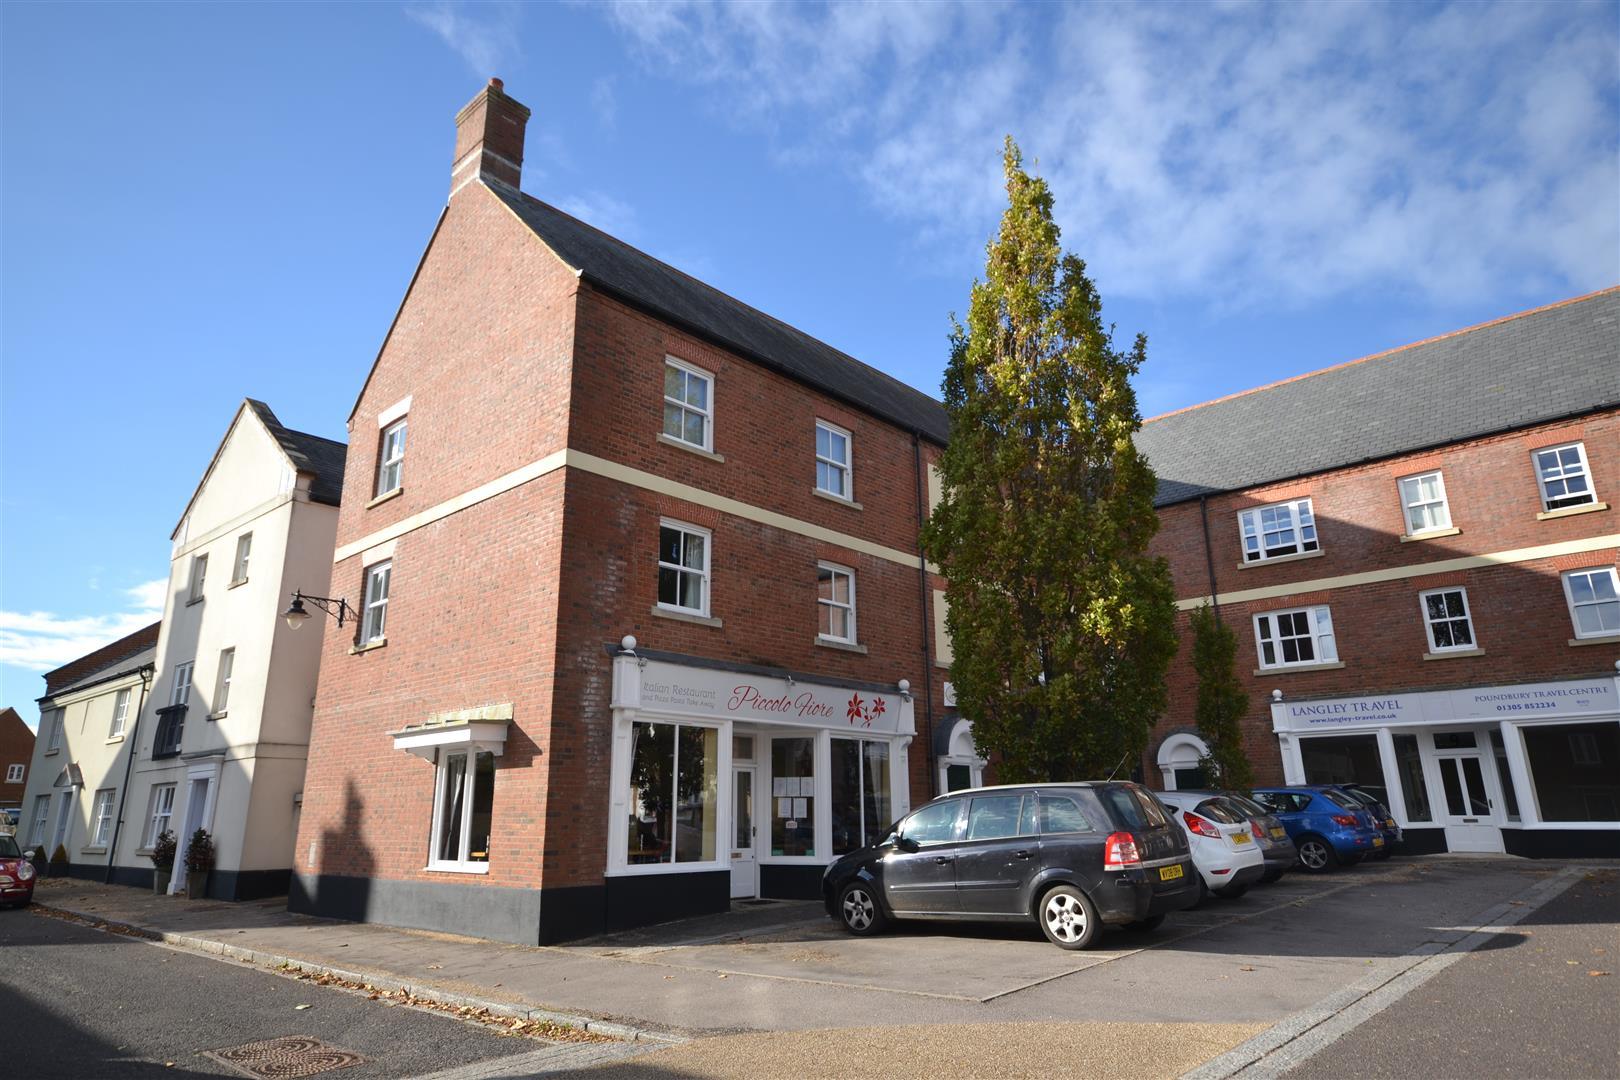 Challacombe Square, Poundbury, Dorchester